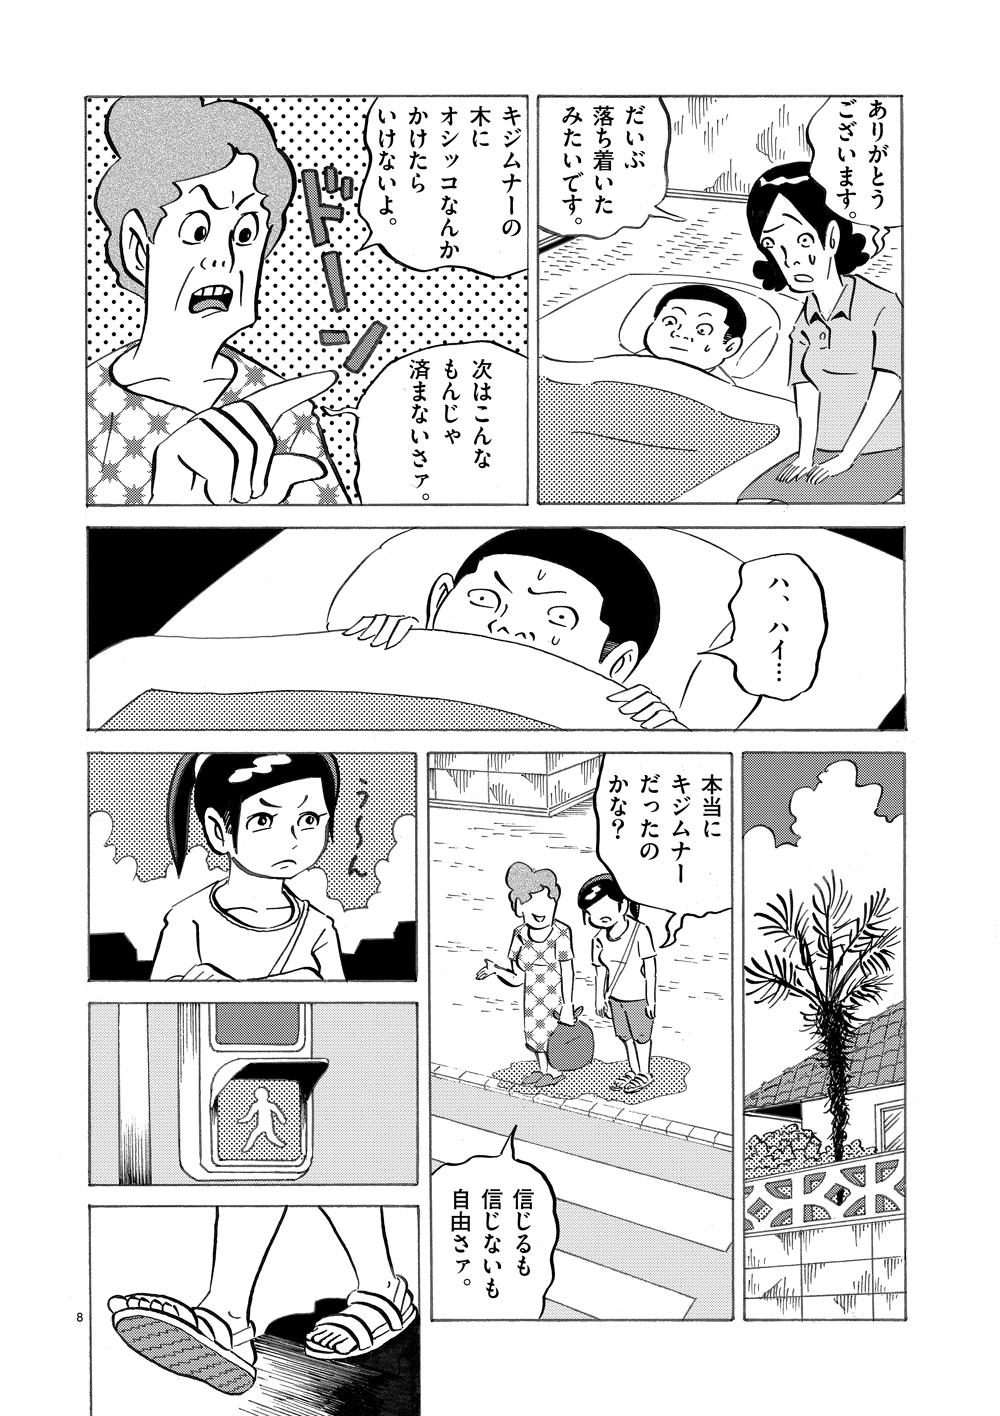 琉球怪談 【第6話】WEB掲載8ページ目画像